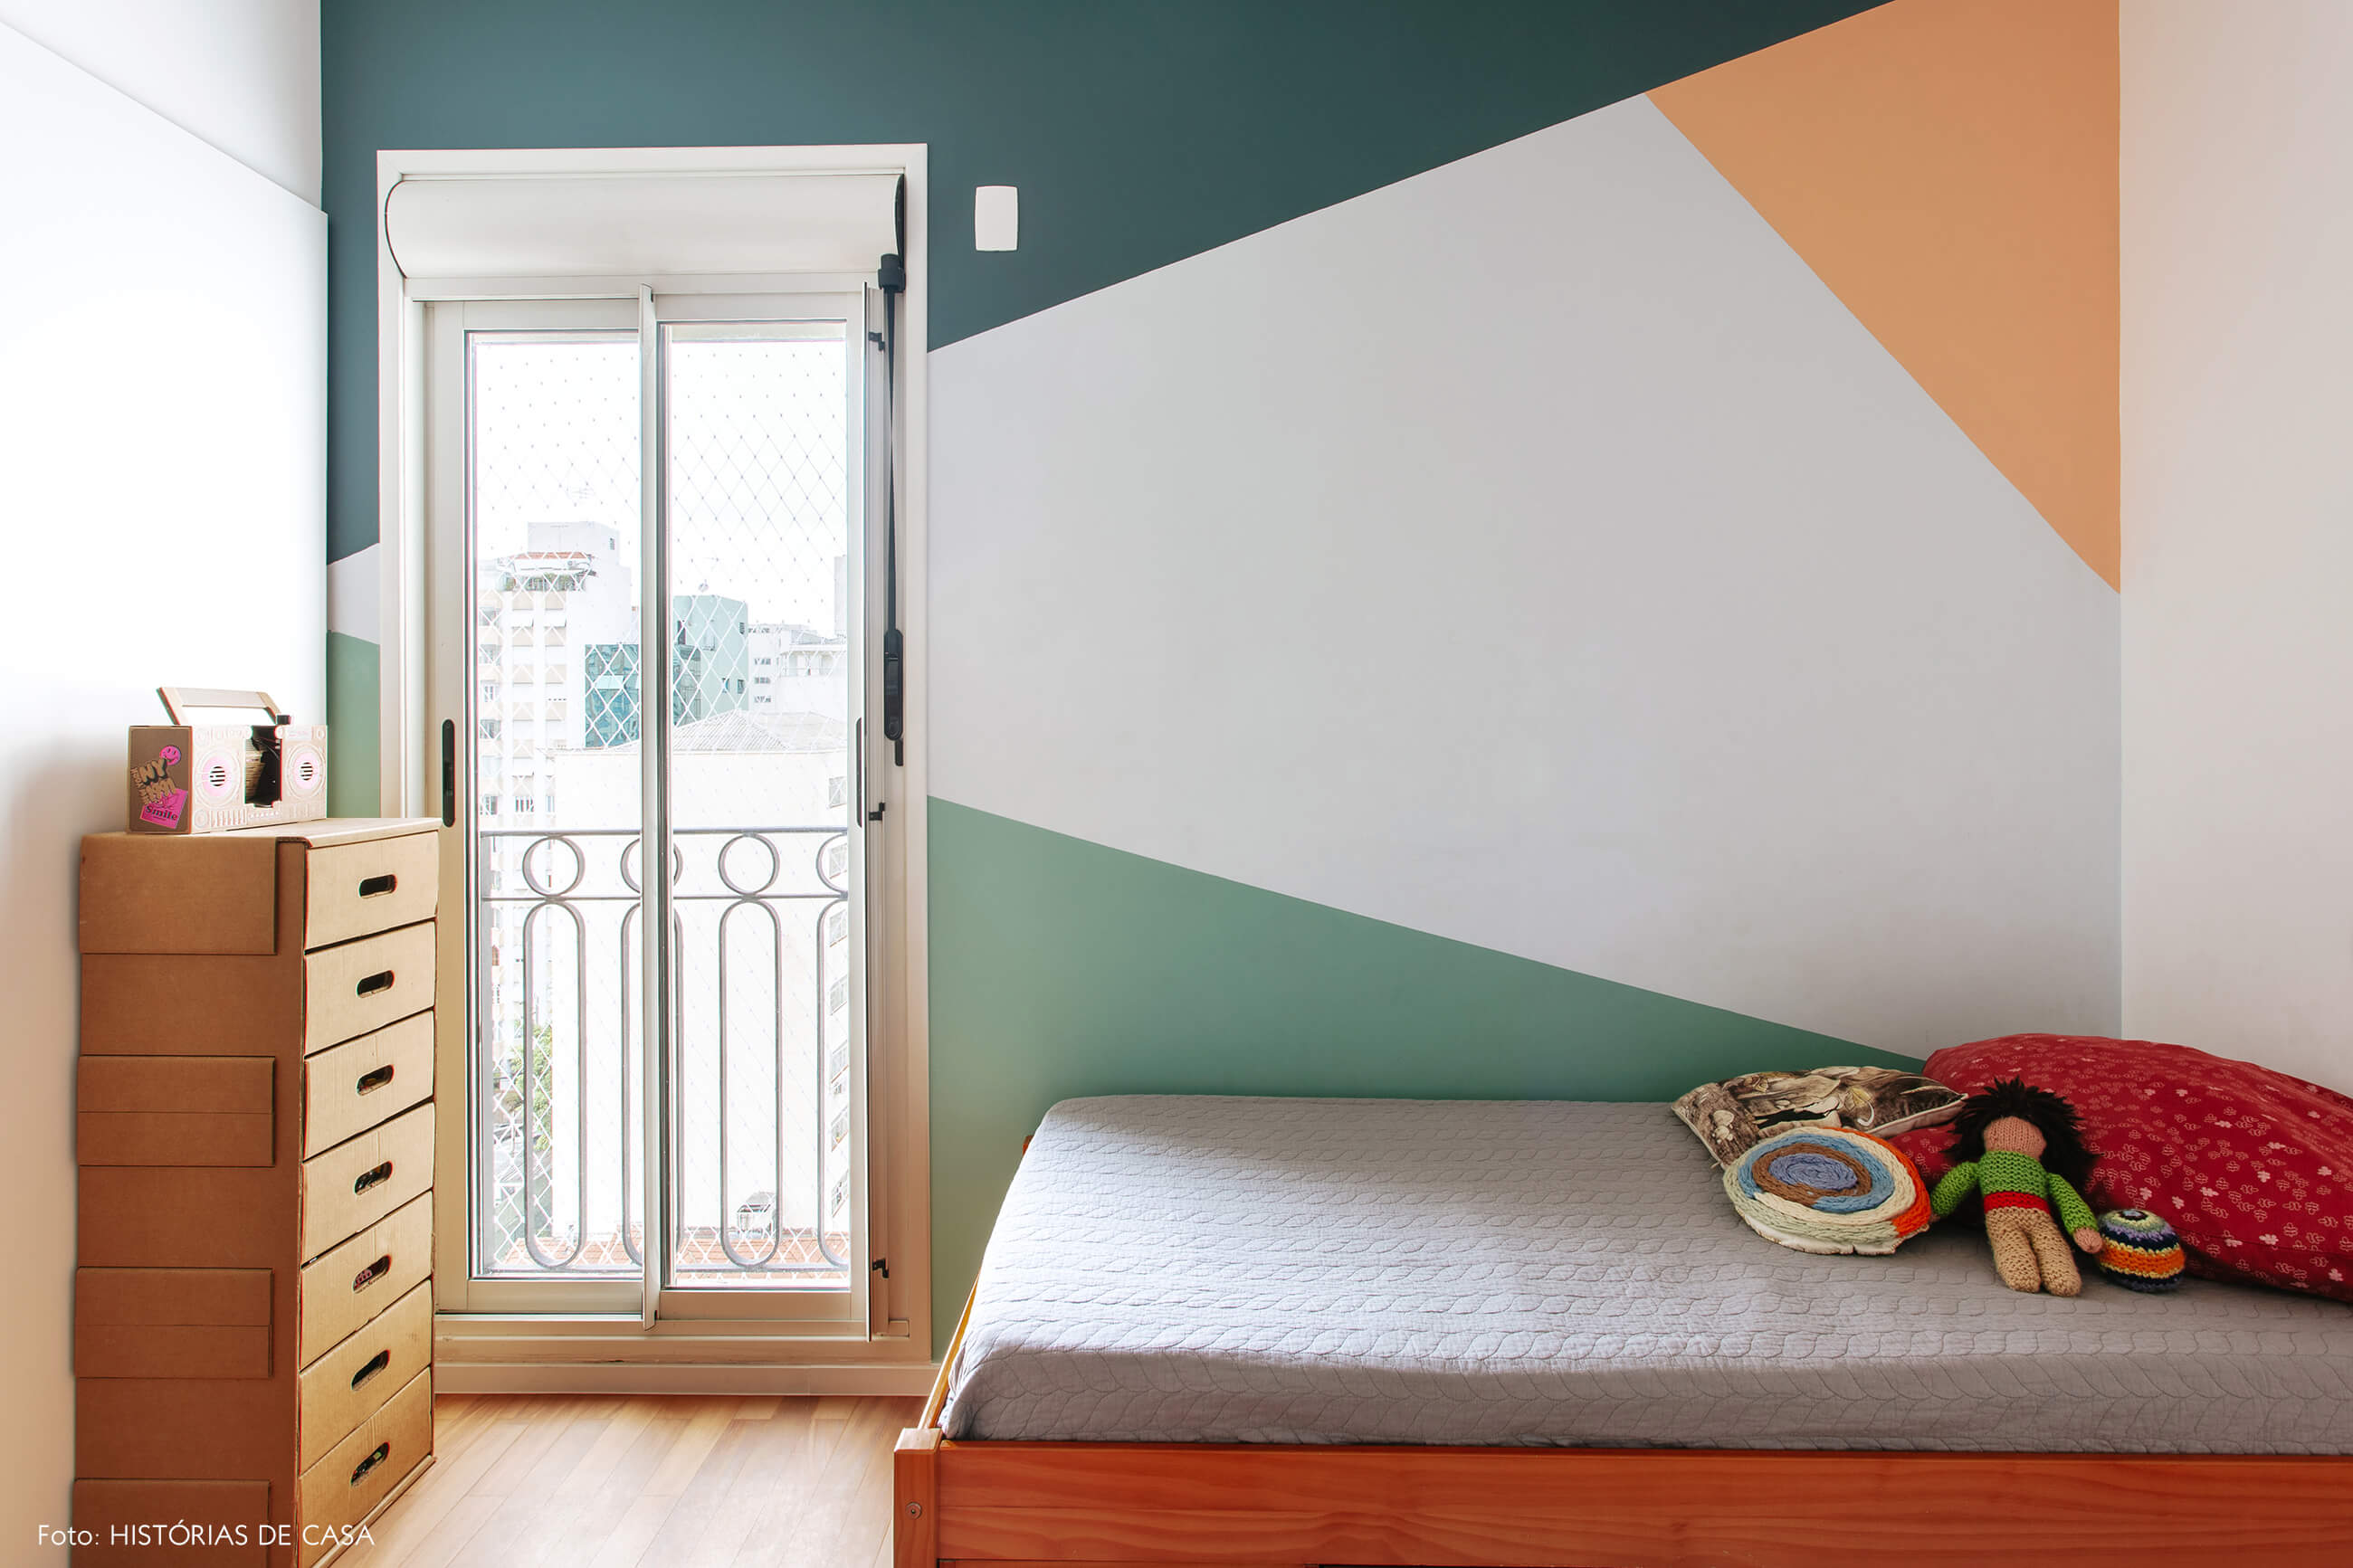 Quarto de criança com pintura colorida geométrica